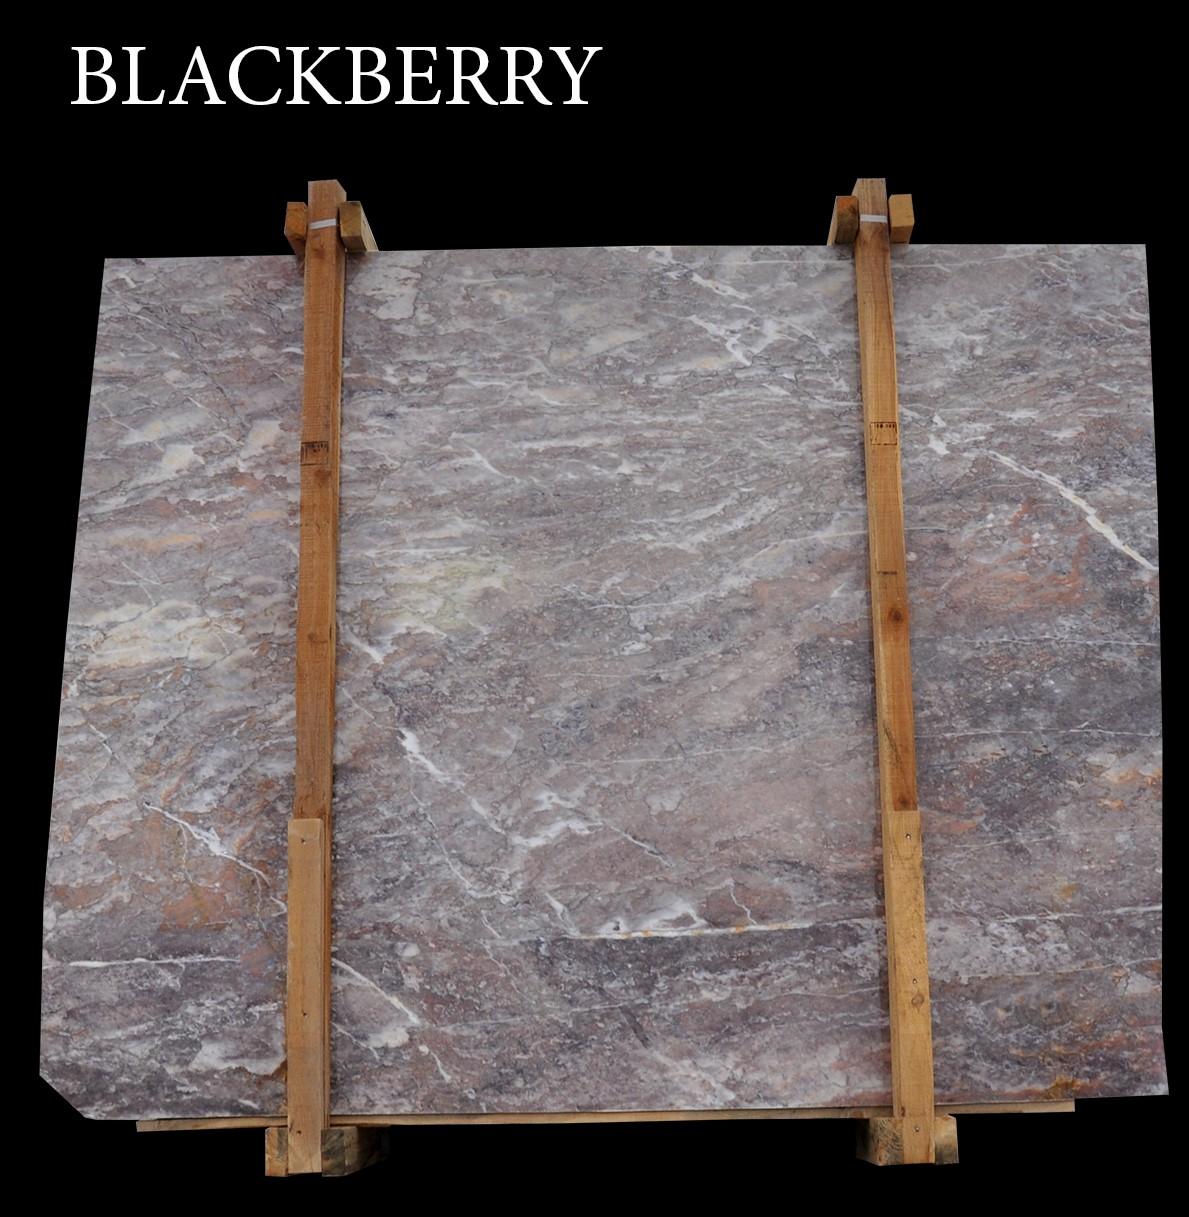 Blackberry Cross Cut Slabs